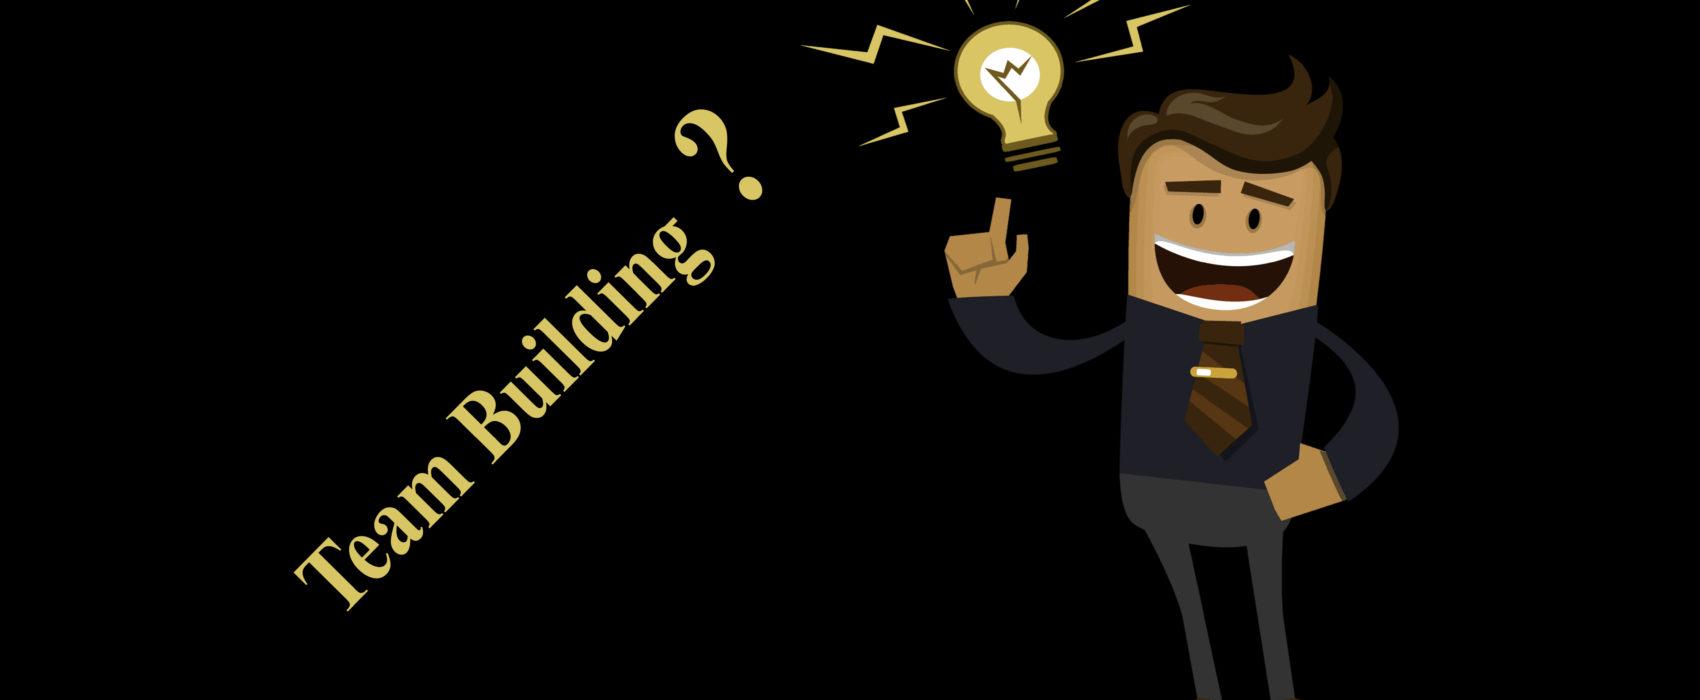 team building 10 punti per scegliere attività di team building ideale per tuo evento aziendale in convention meeting congressi festival